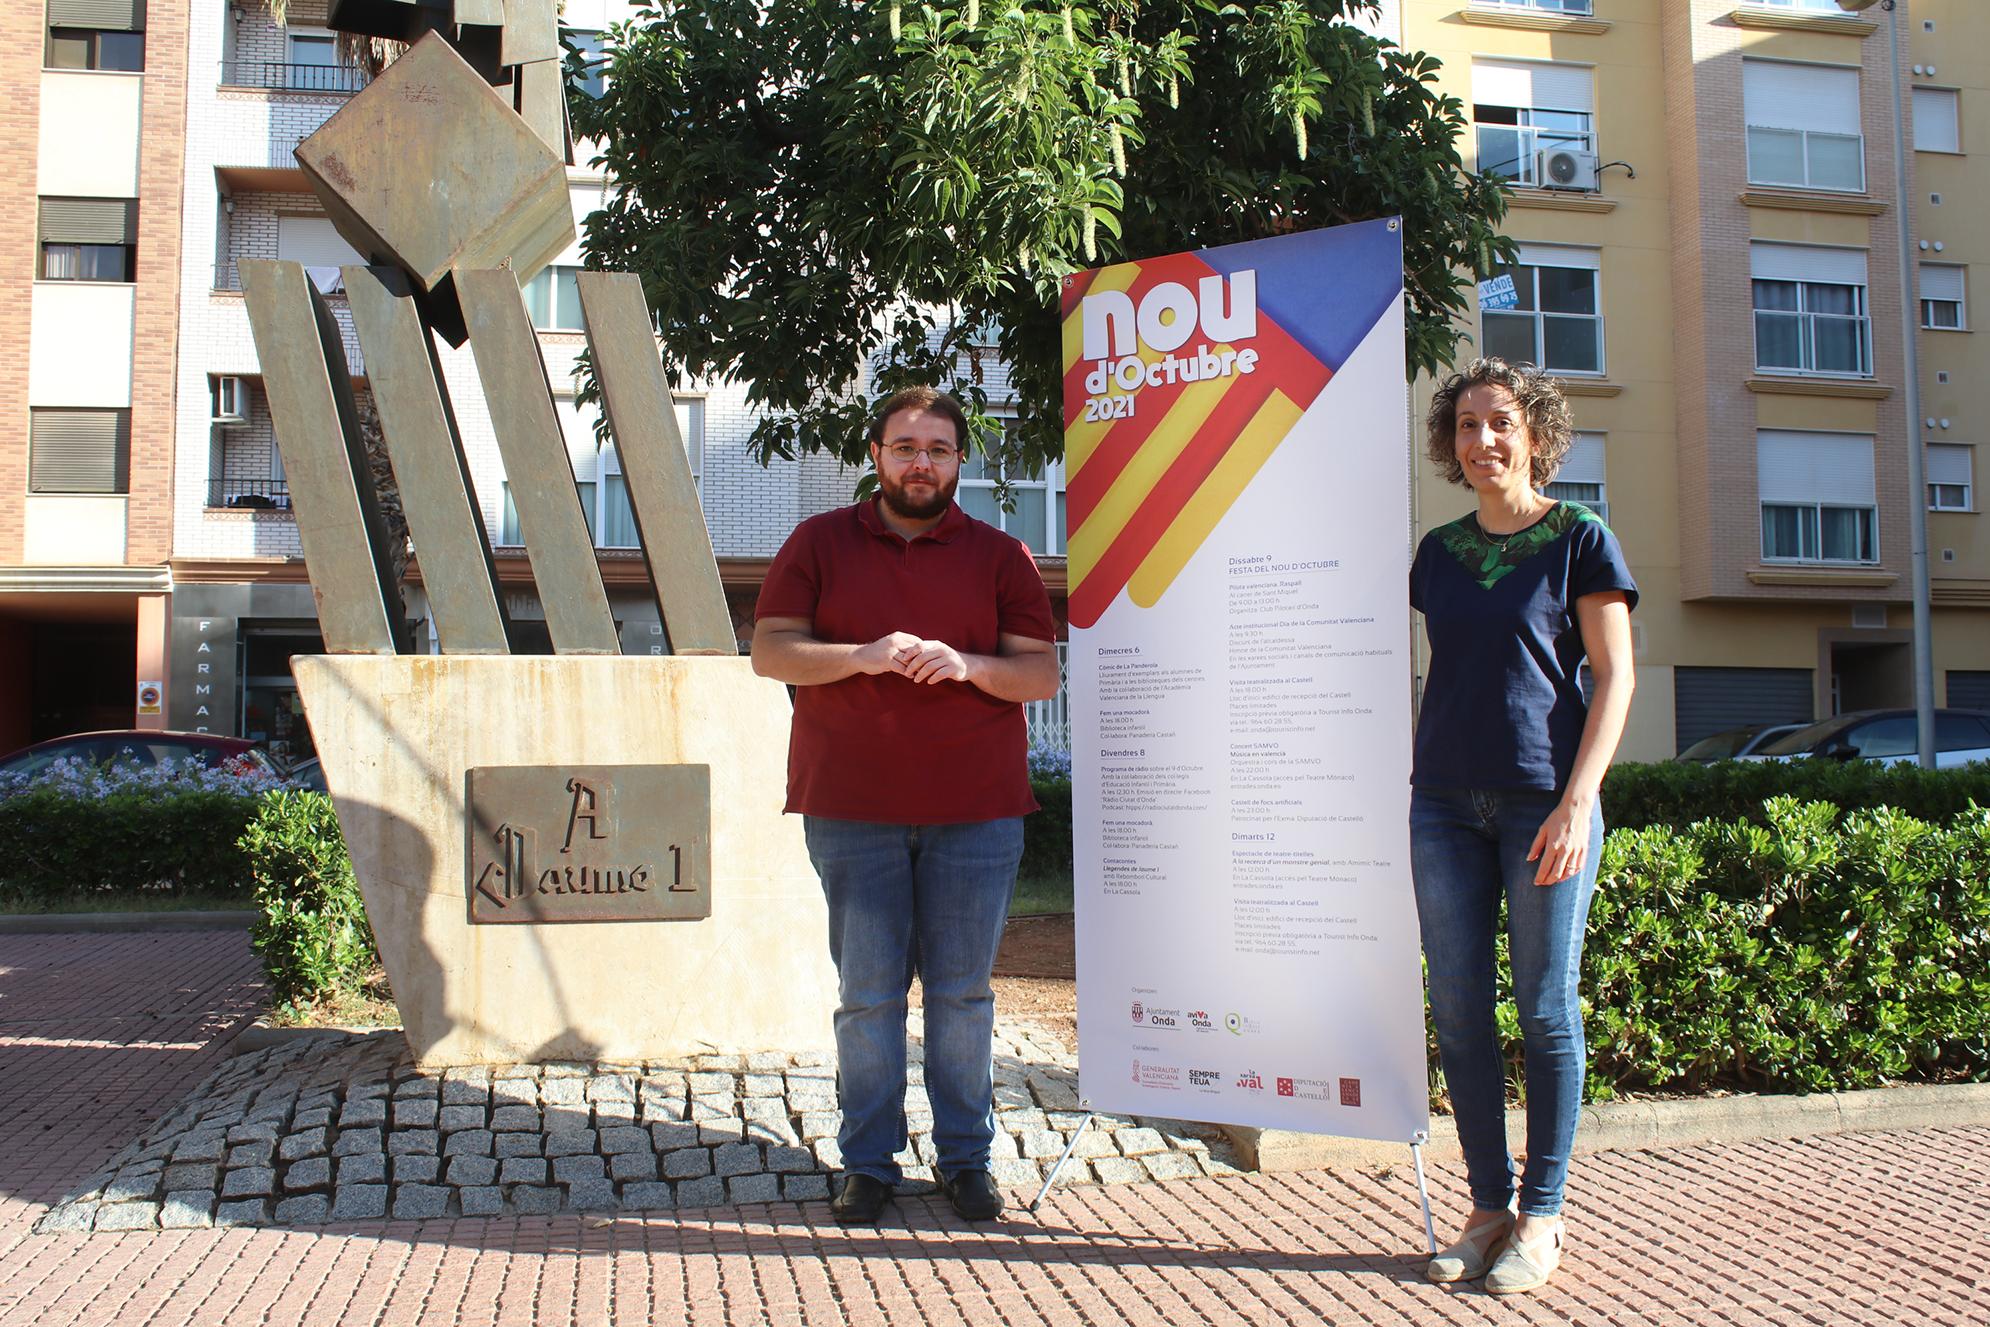 Entrevista al concejal de Juventud de Onda, Vicent Bou